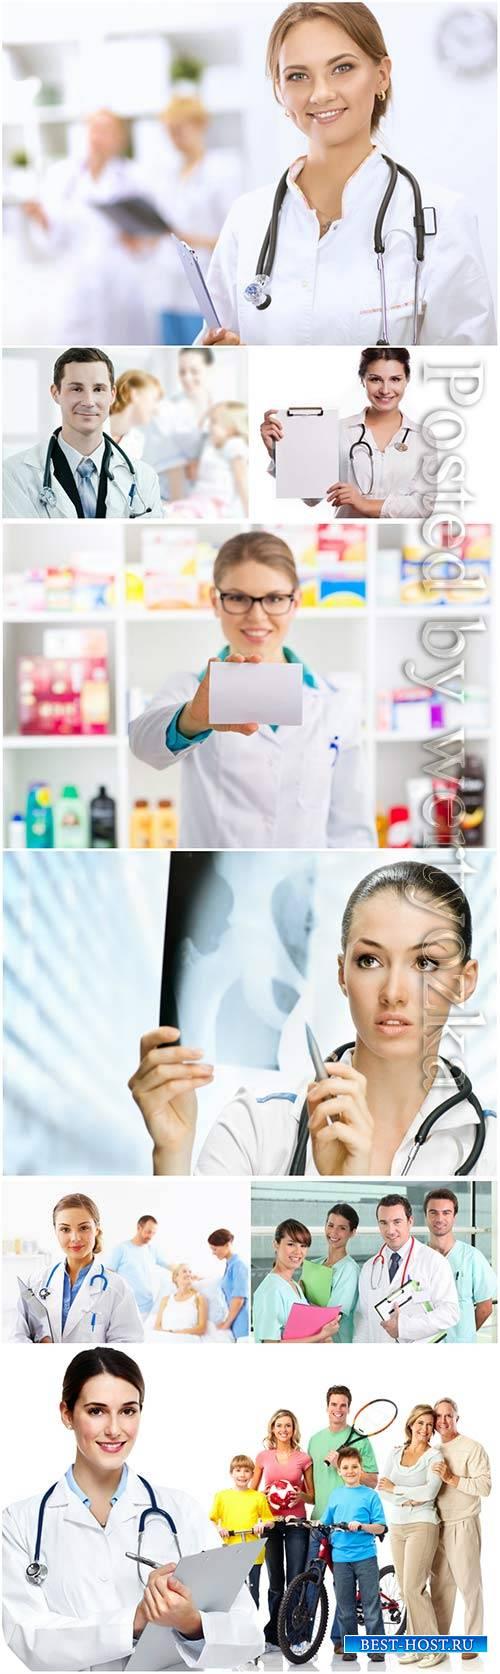 Friendly doctors, medicine concept